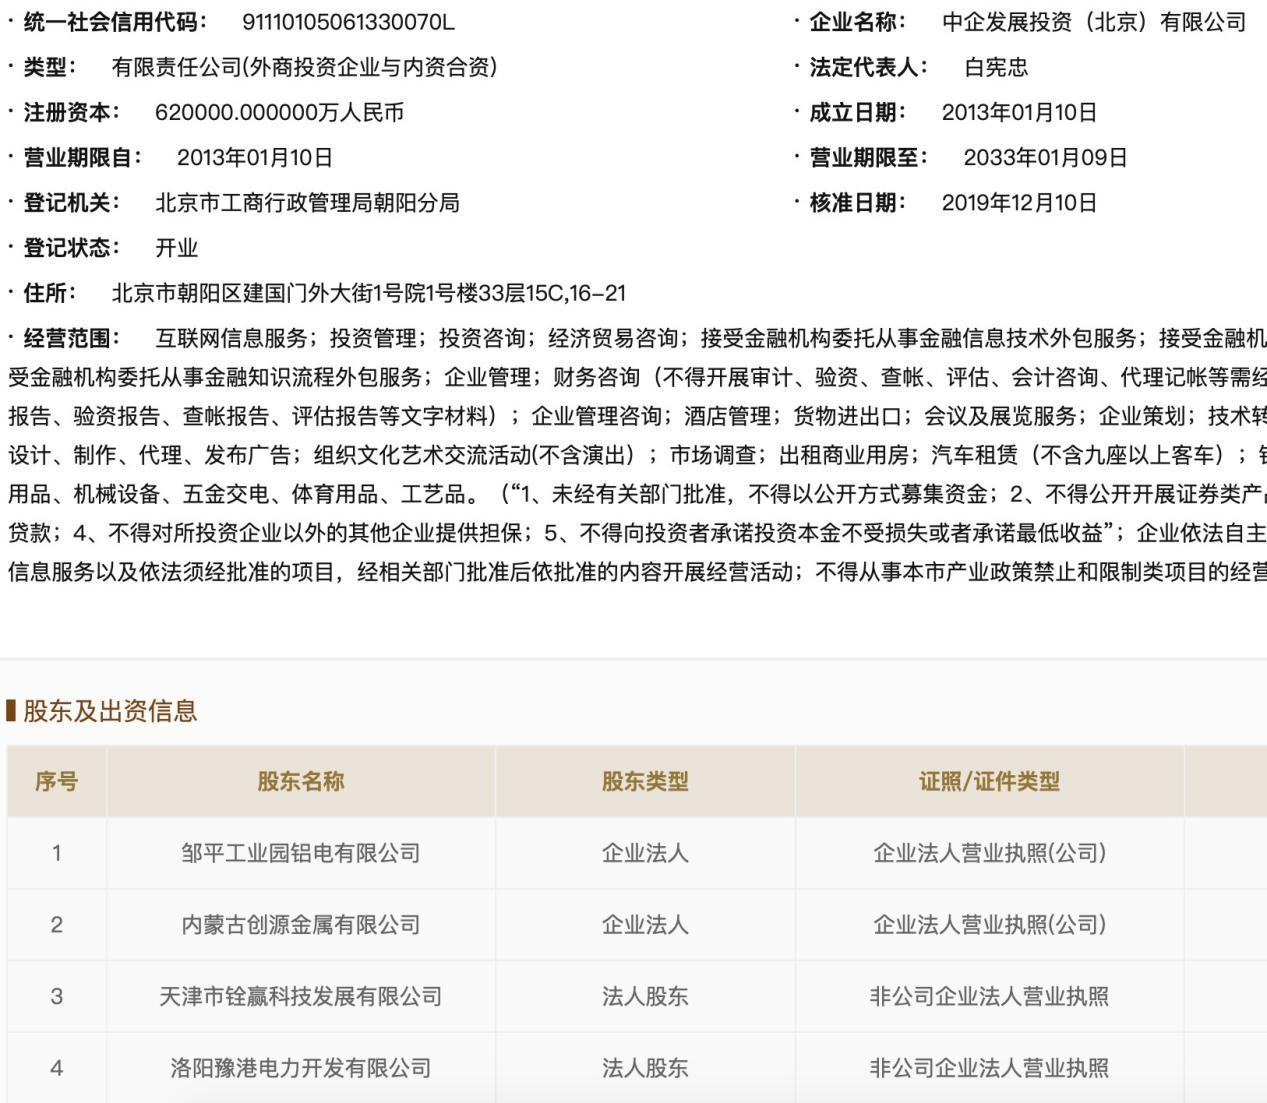 武汉非新冠肺炎患者救治医院名单(图)